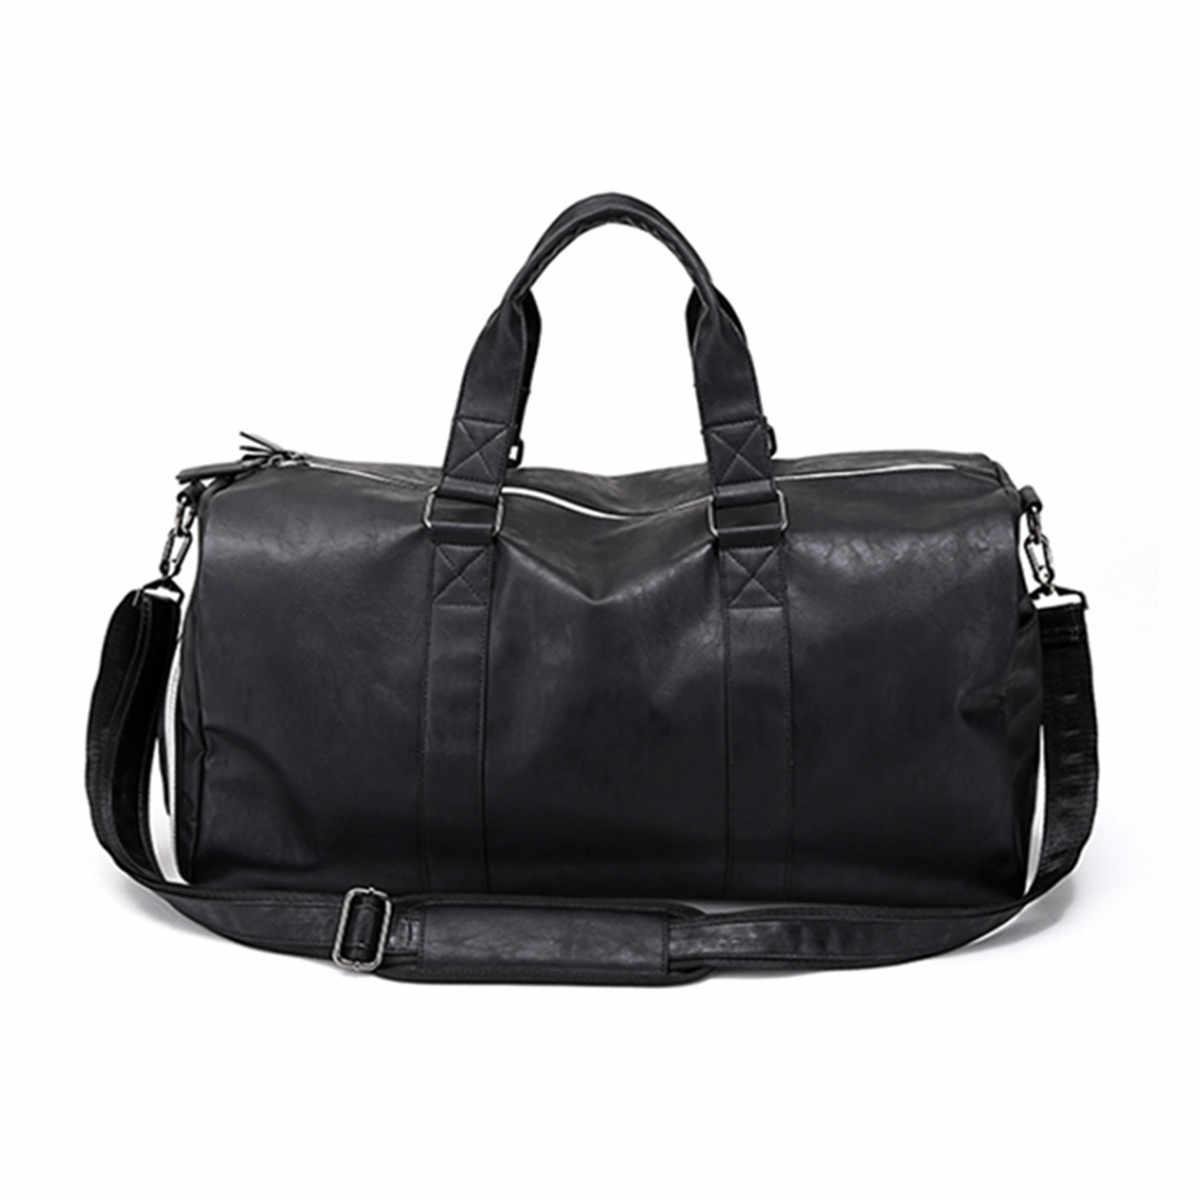 AEQUEEN siyah erkekler seyahat silindir çanta su geçirmez PU deri çantalar omuzdan askili çanta kadın erkek tote büyük kapasiteli haftasonu çanta